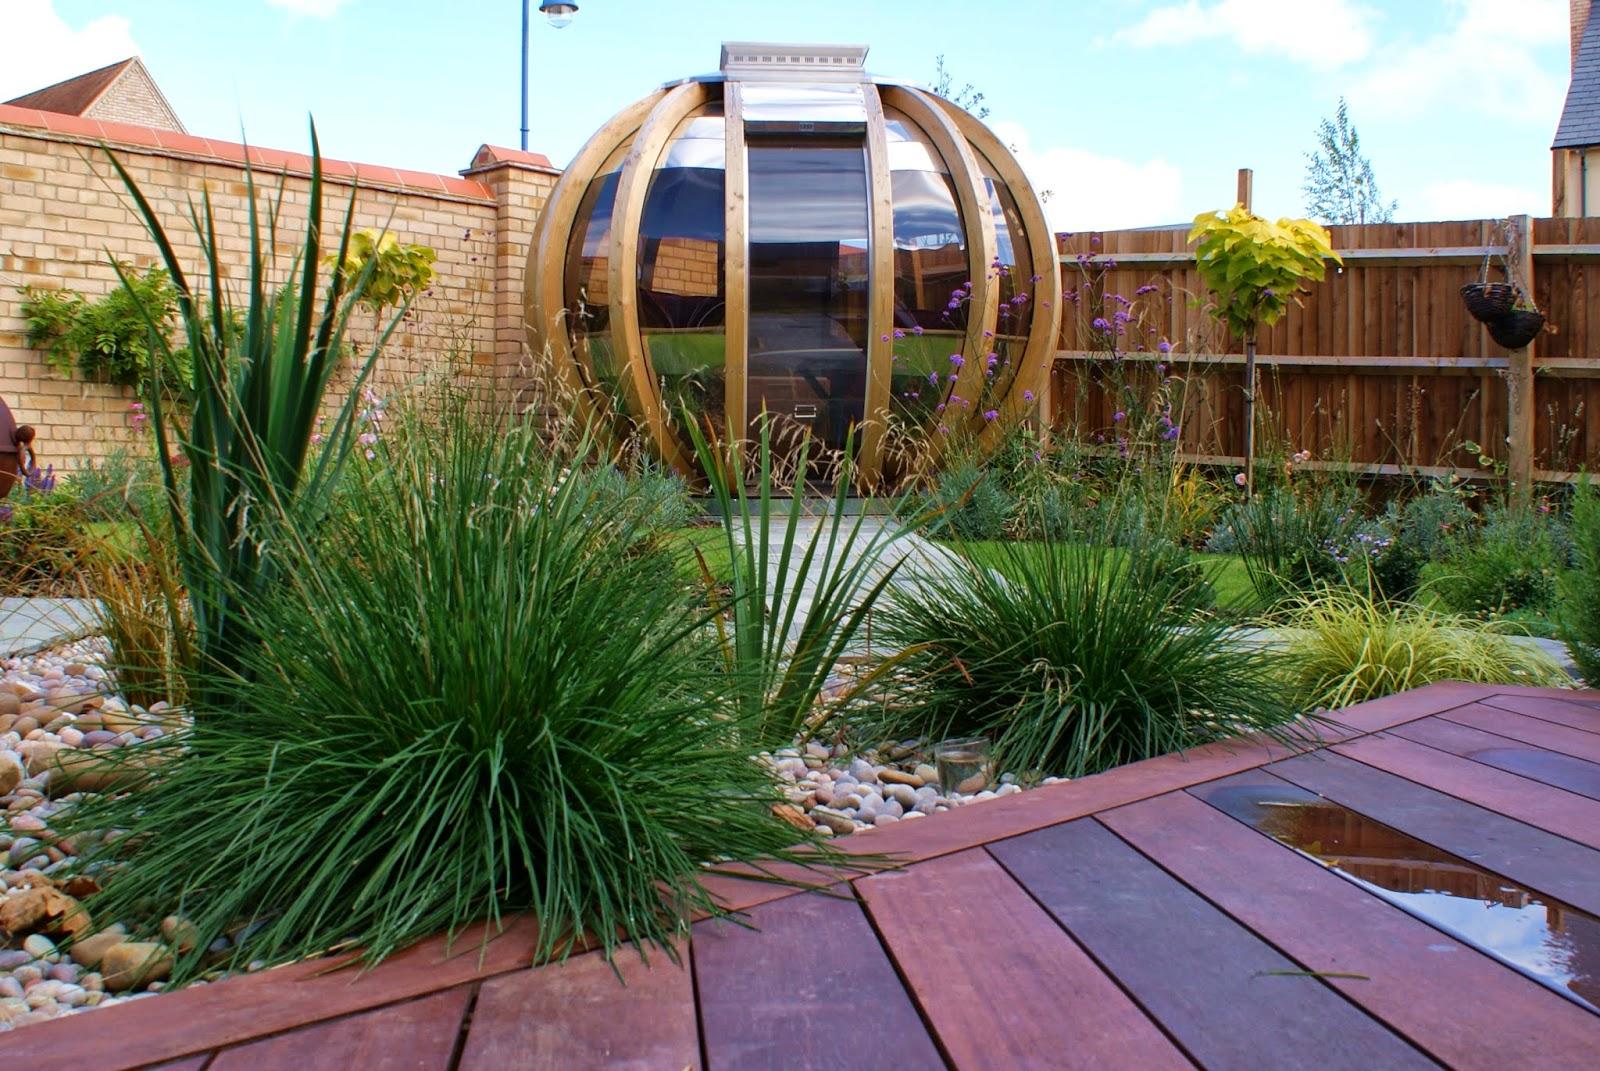 Modern family garden cambourne cambridgeshire garden for Family garden designs